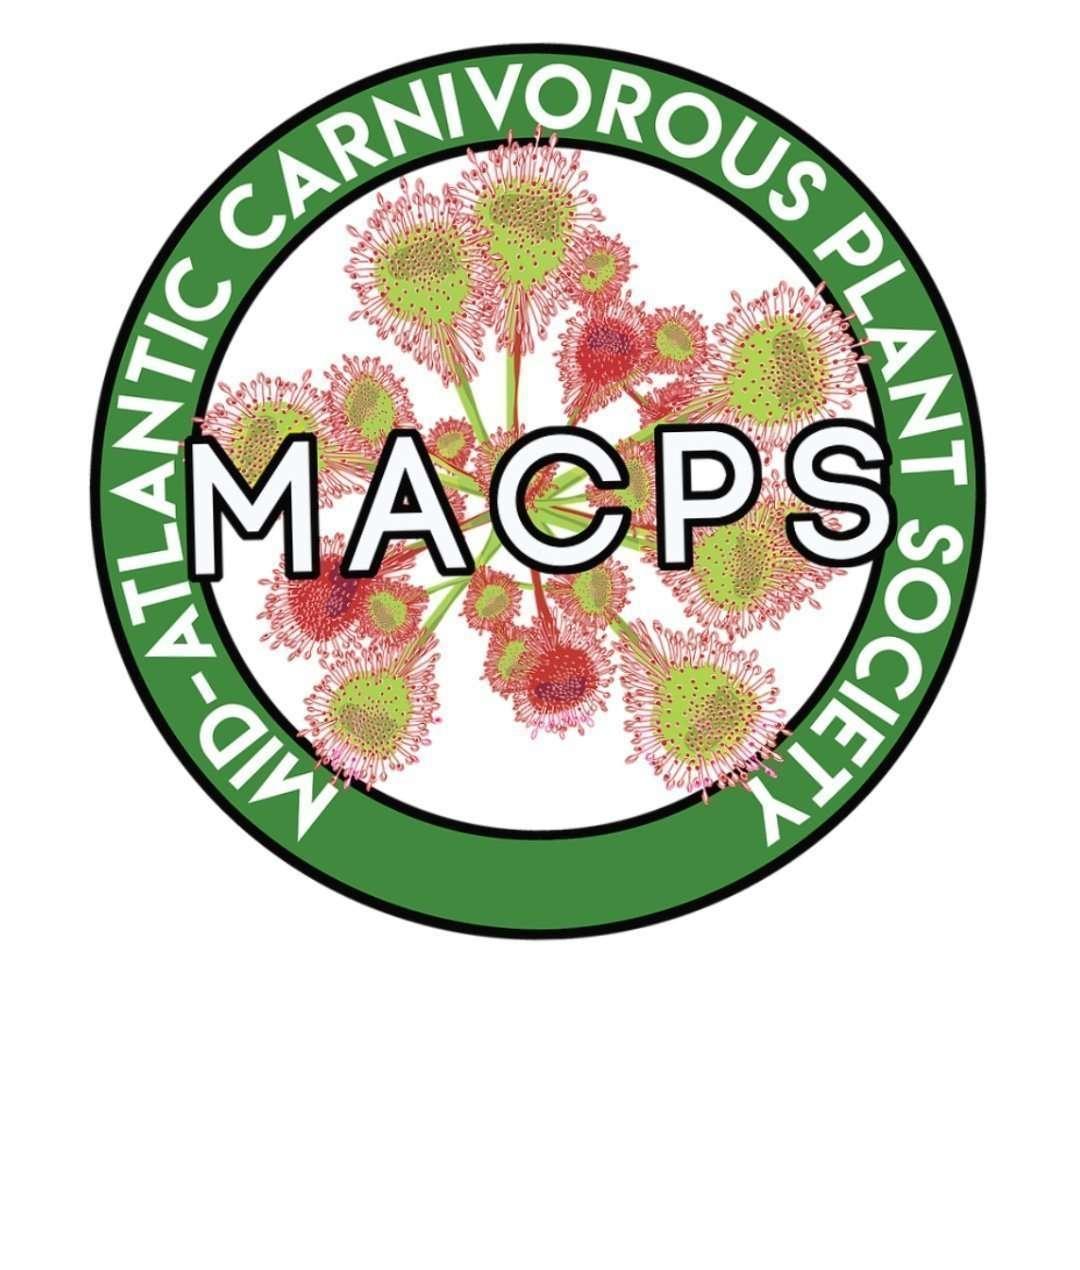 Mid-Atlantic Carnivorous Plant Society logo